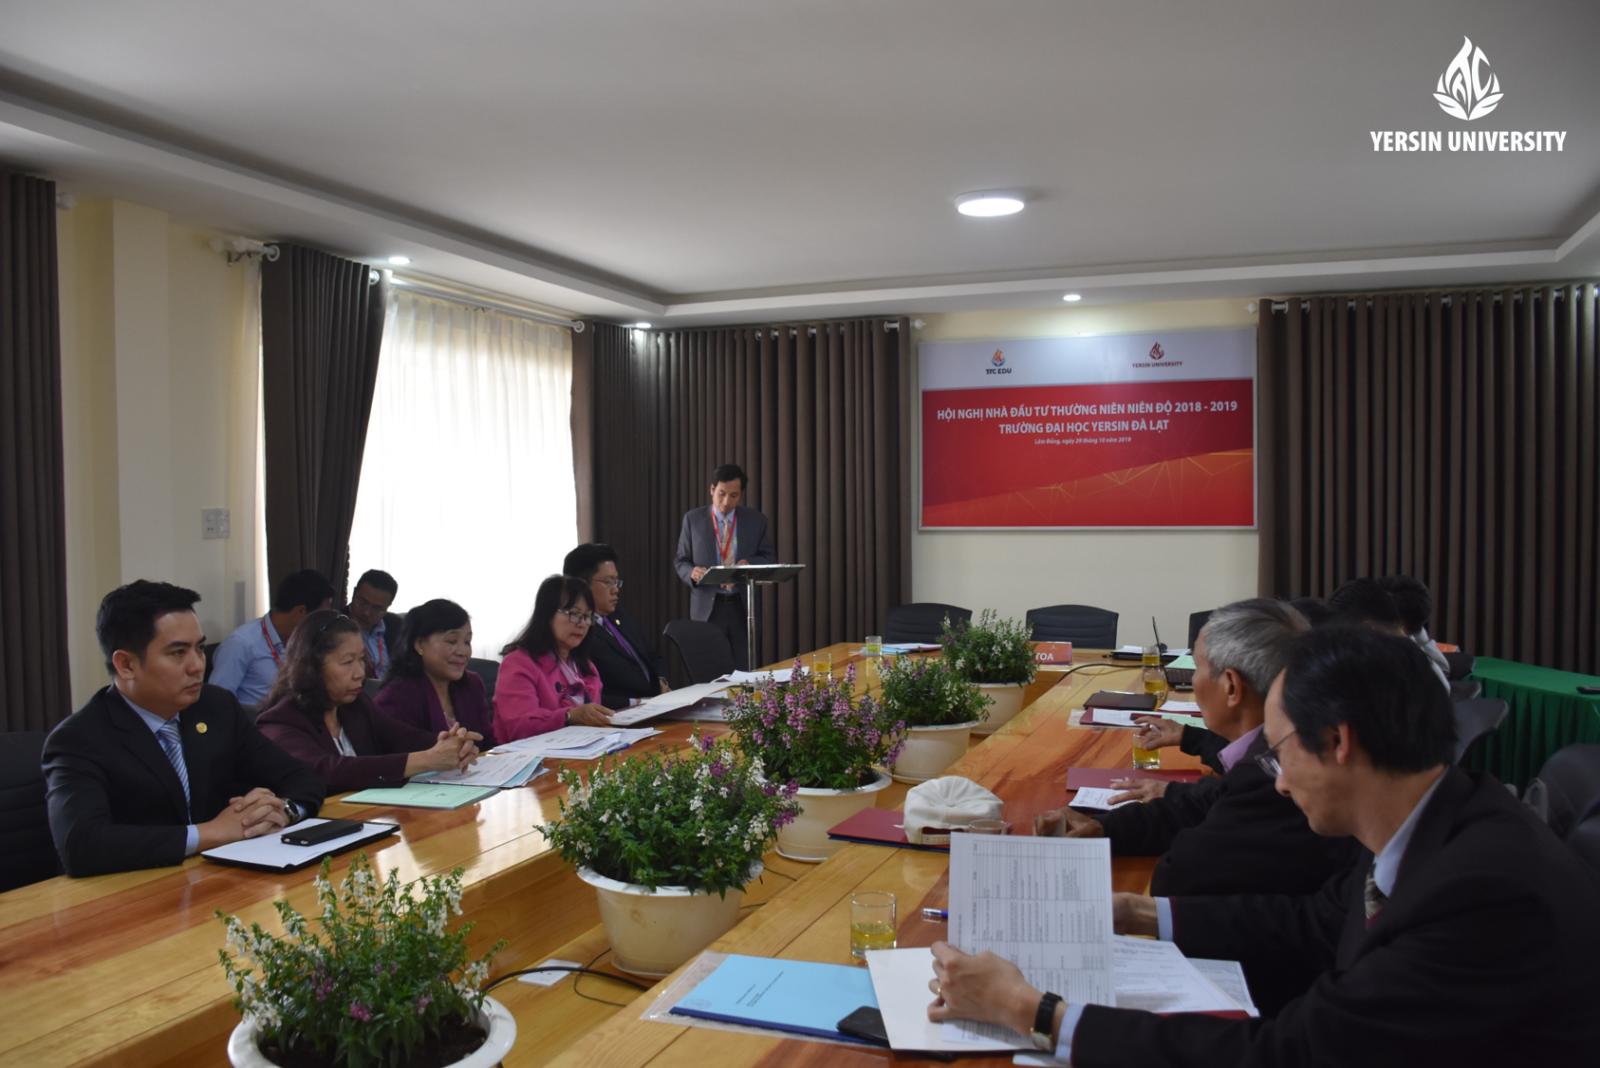 Hội nghị nhà đầu tư thường niên, Đại học Yersin Đà Lạt